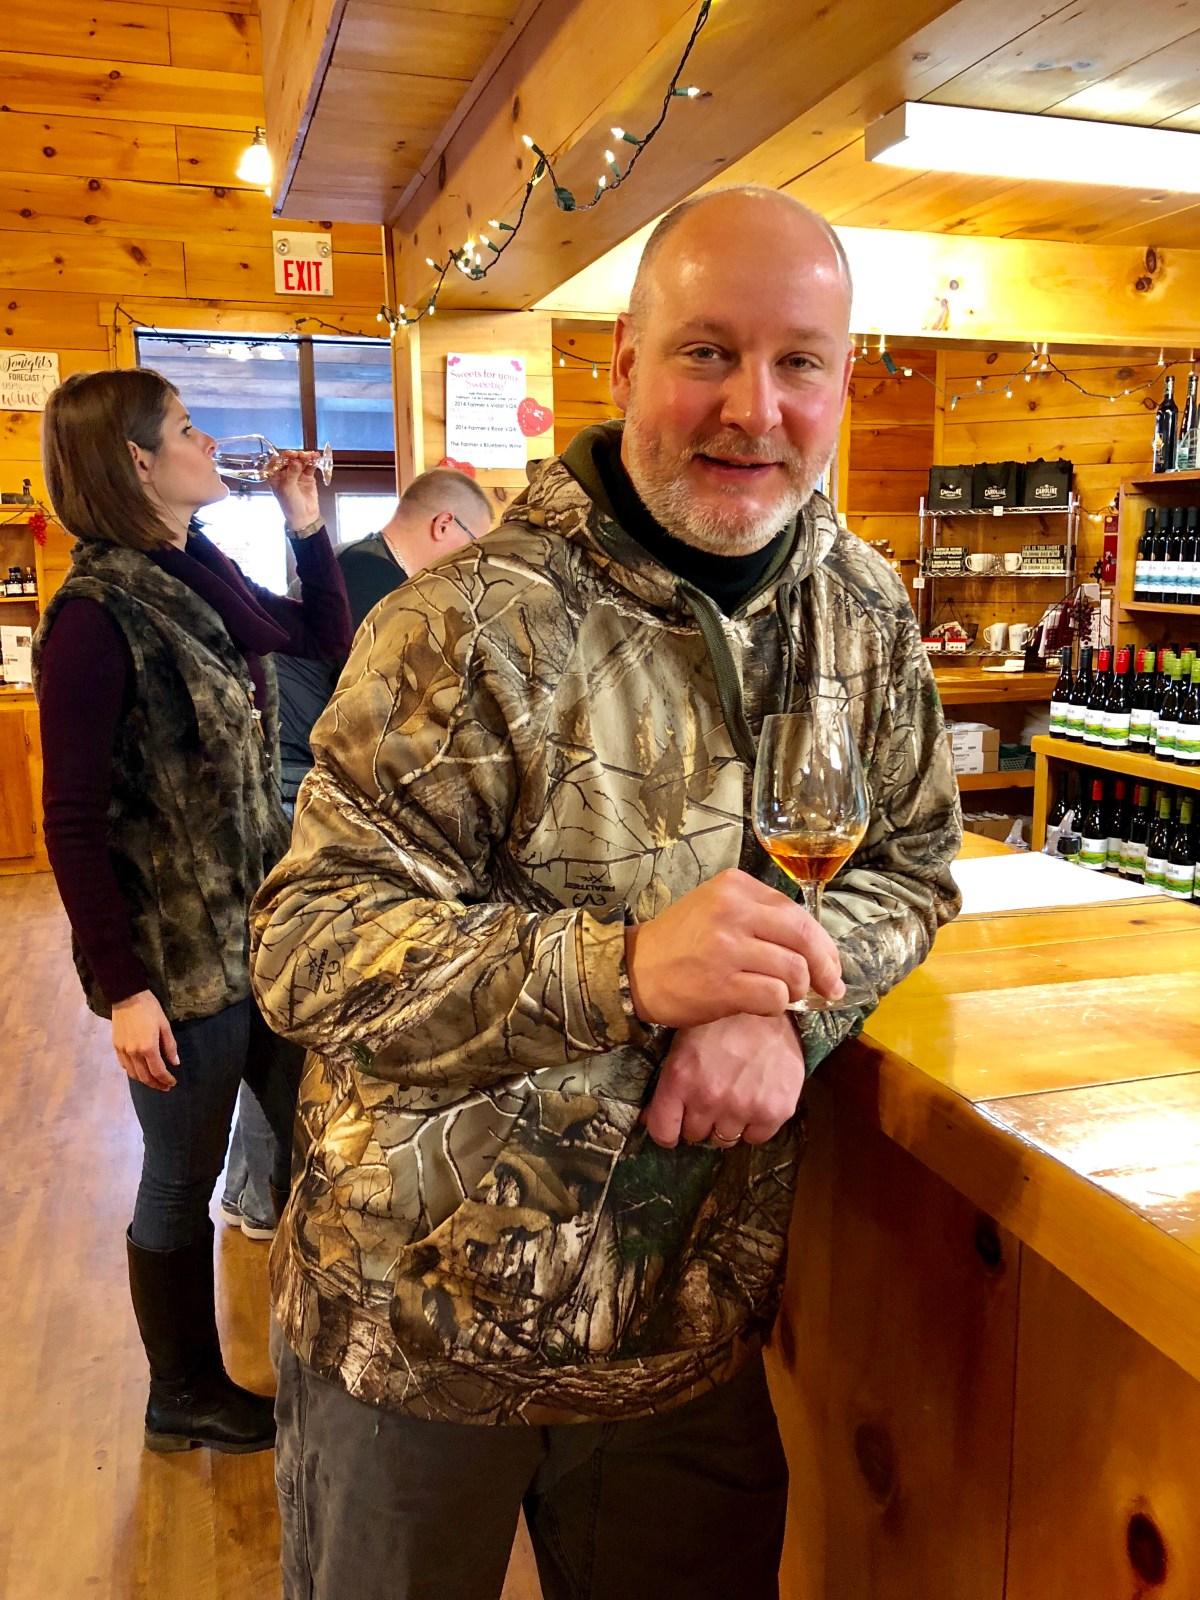 Wine tasting at Caroline Cellars